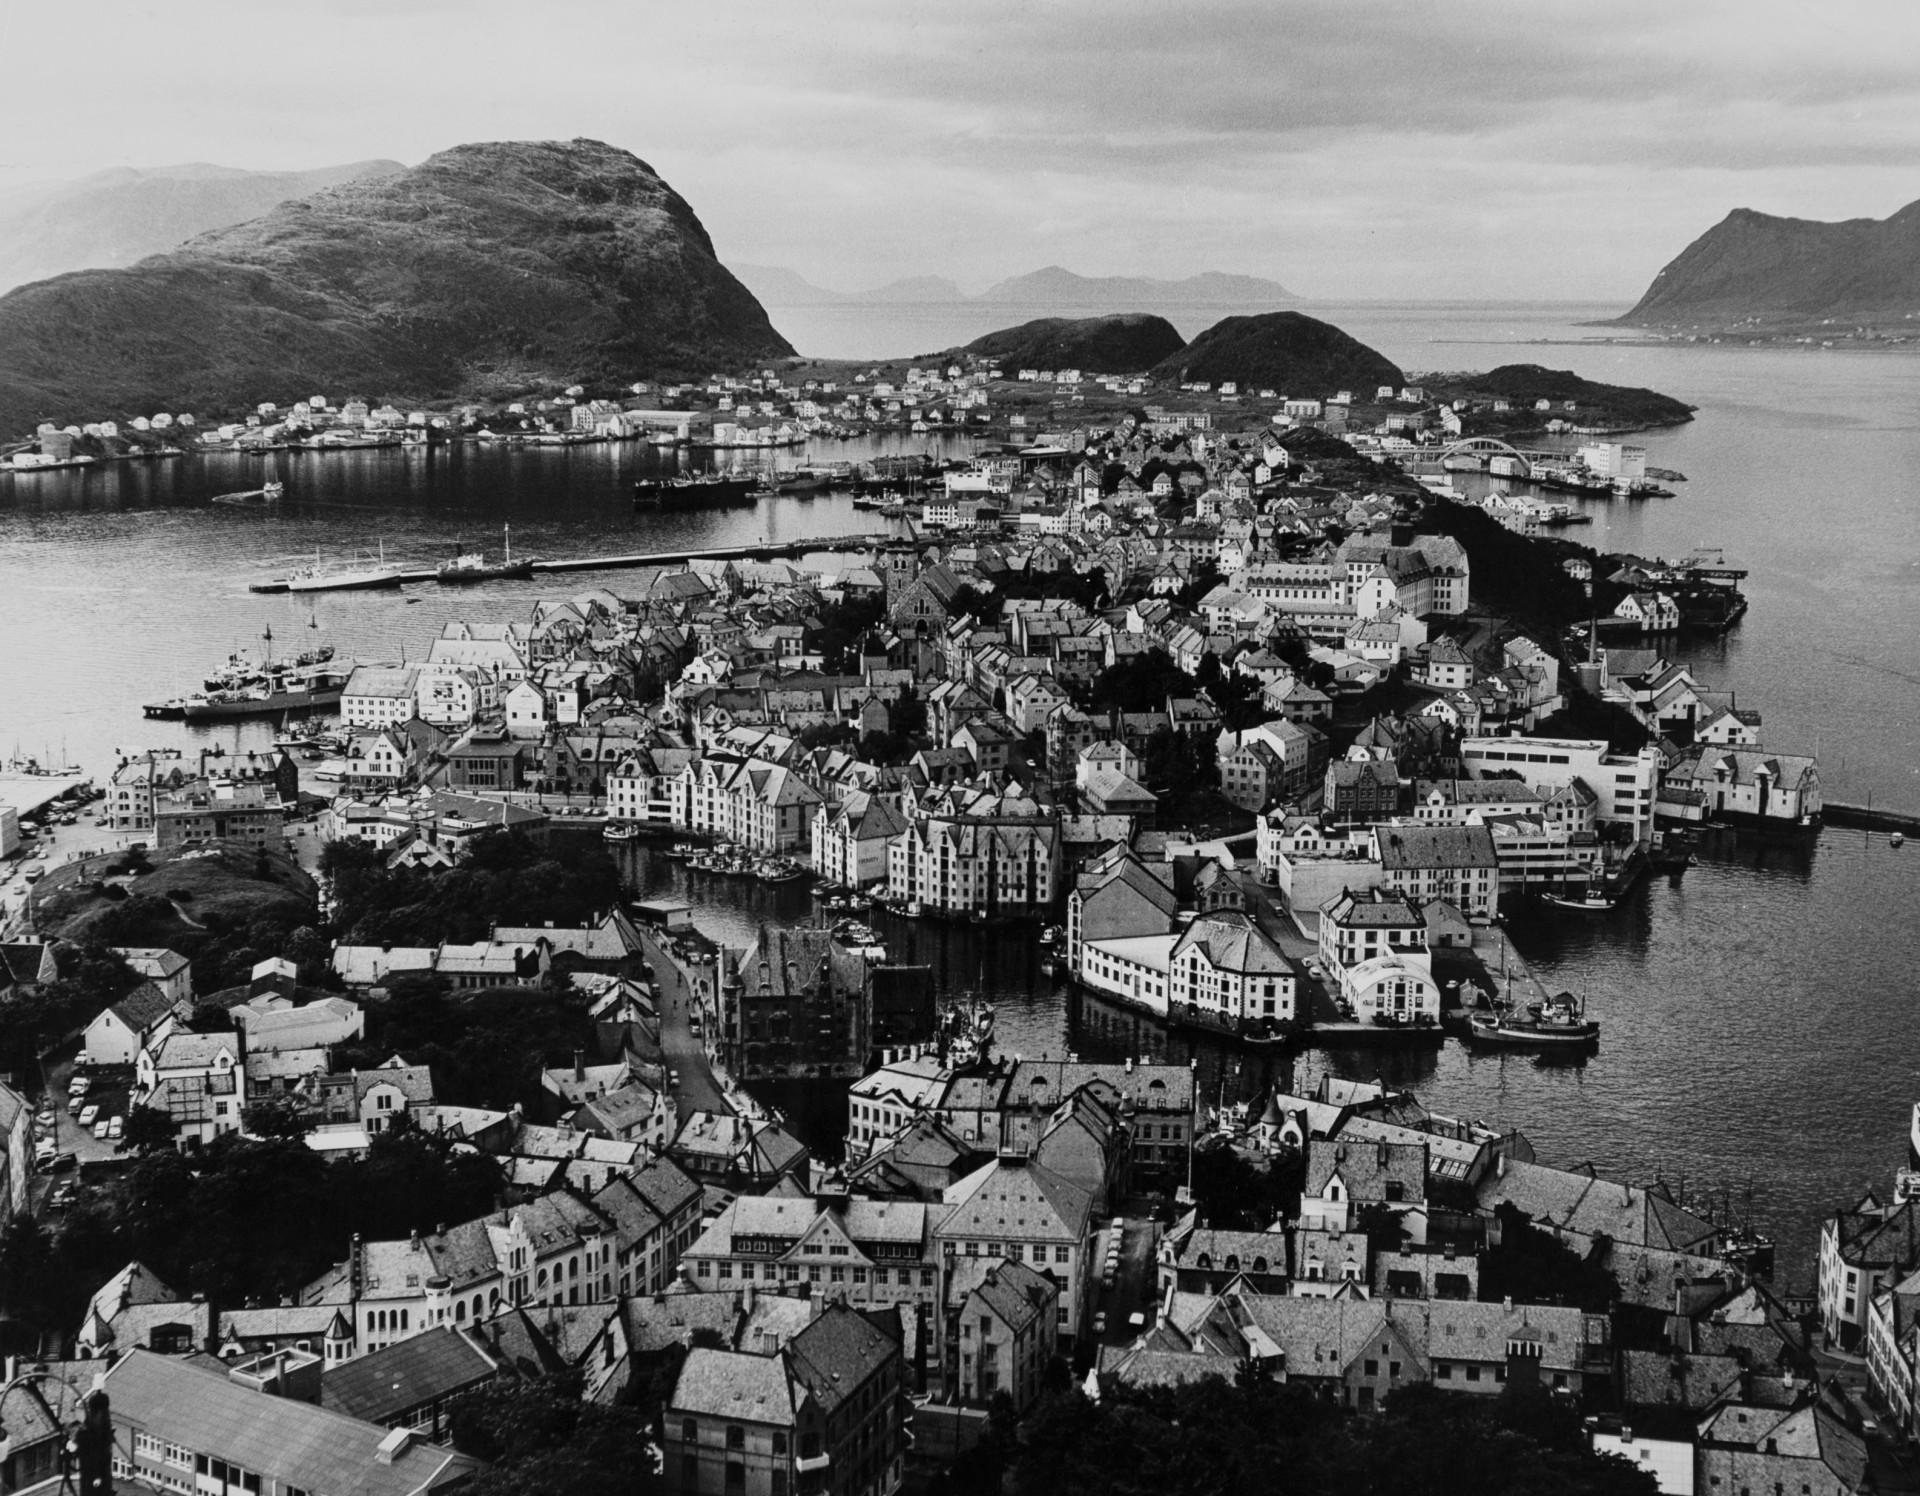 Vy över Ålesund. Foto: Tore Johnson/ Nordiska museet